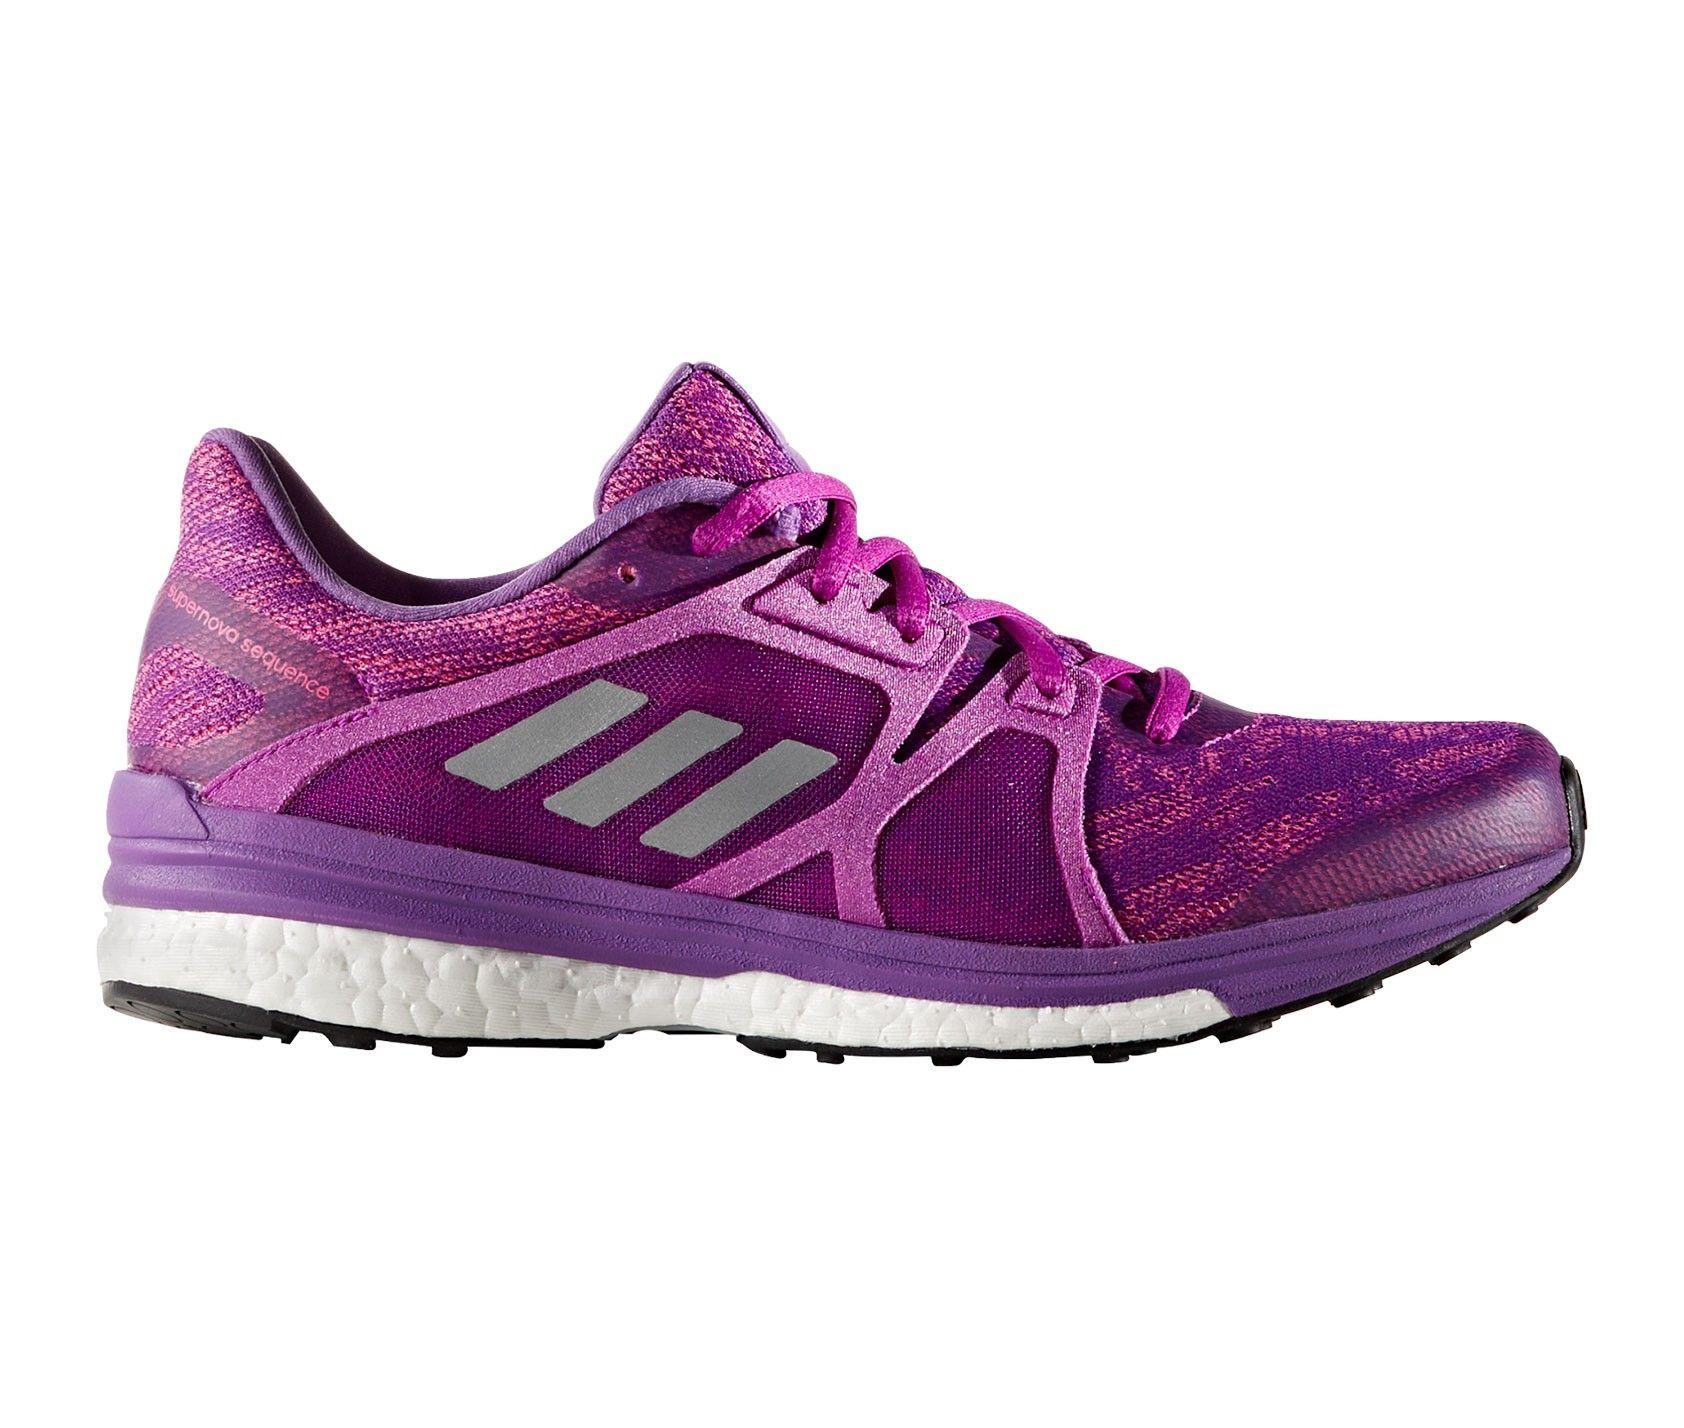 Calidad superior salida de fábrica buena calidad ADIDAS SUPERNOVA SEQUENCE BOOST 9 VIOLETA MUJER | Adidas supernova, Running  shoes, Adidas